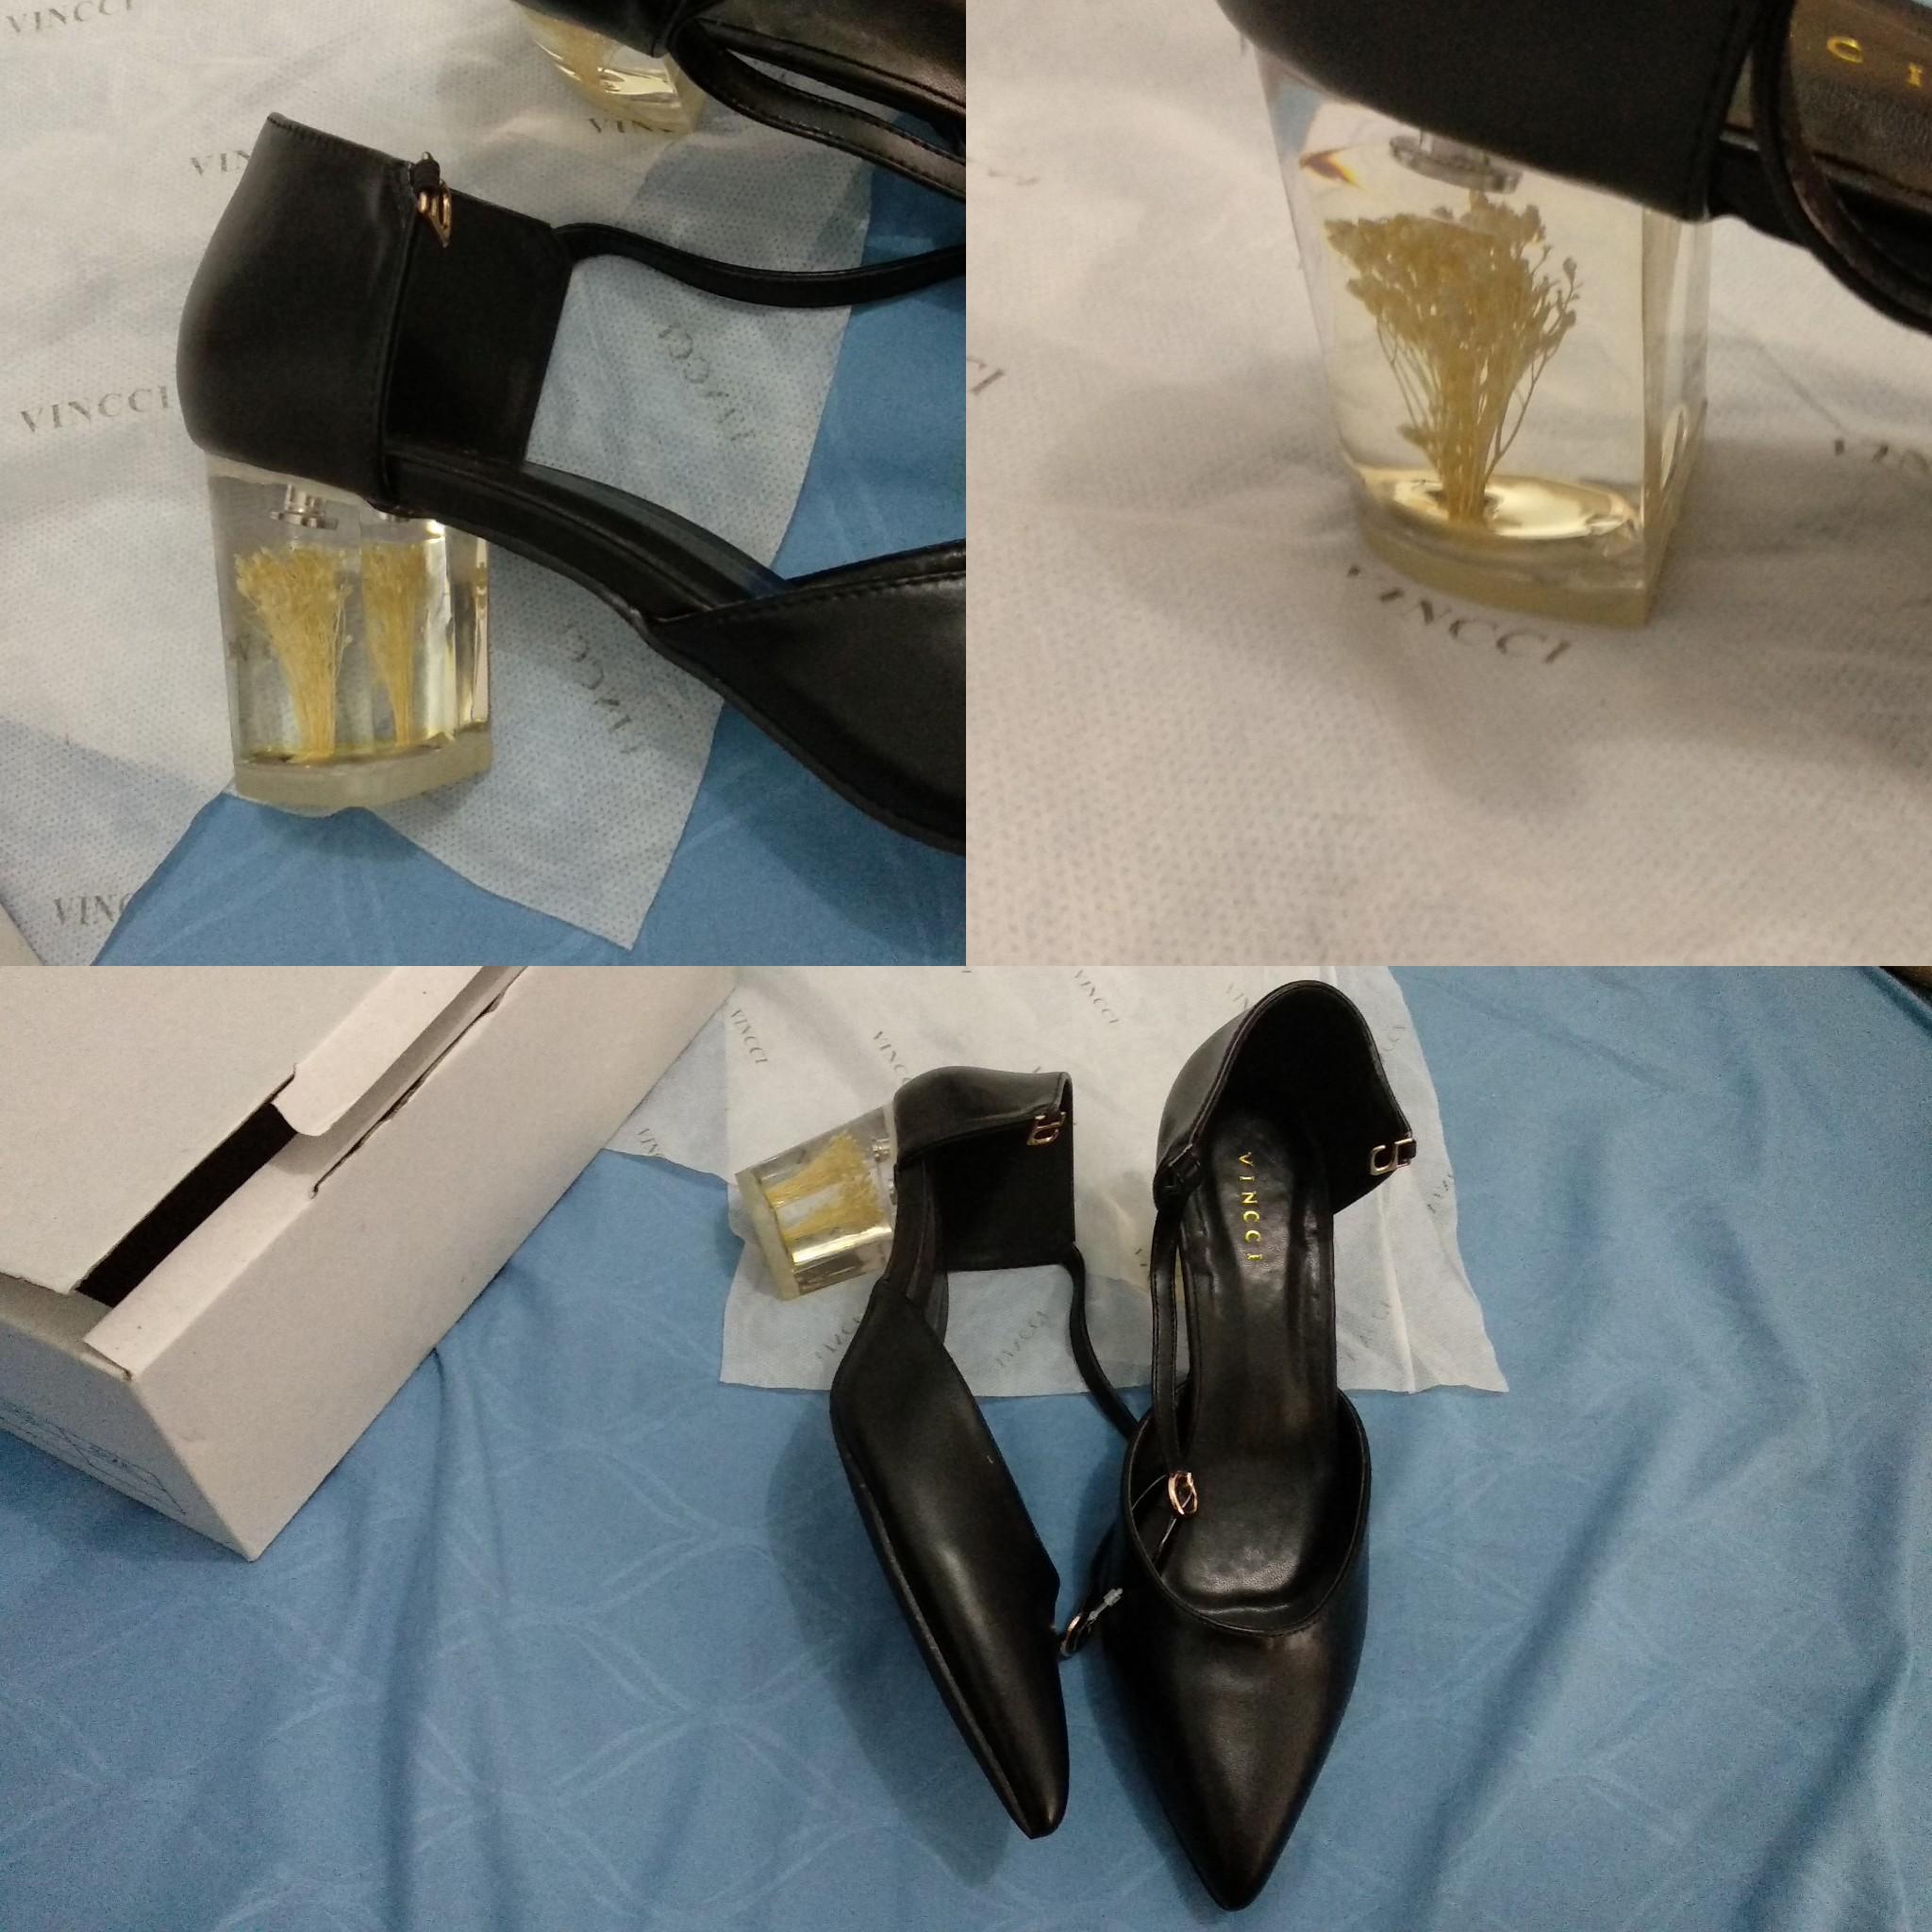 Vincci vnc heels hak pump tahu black hitam